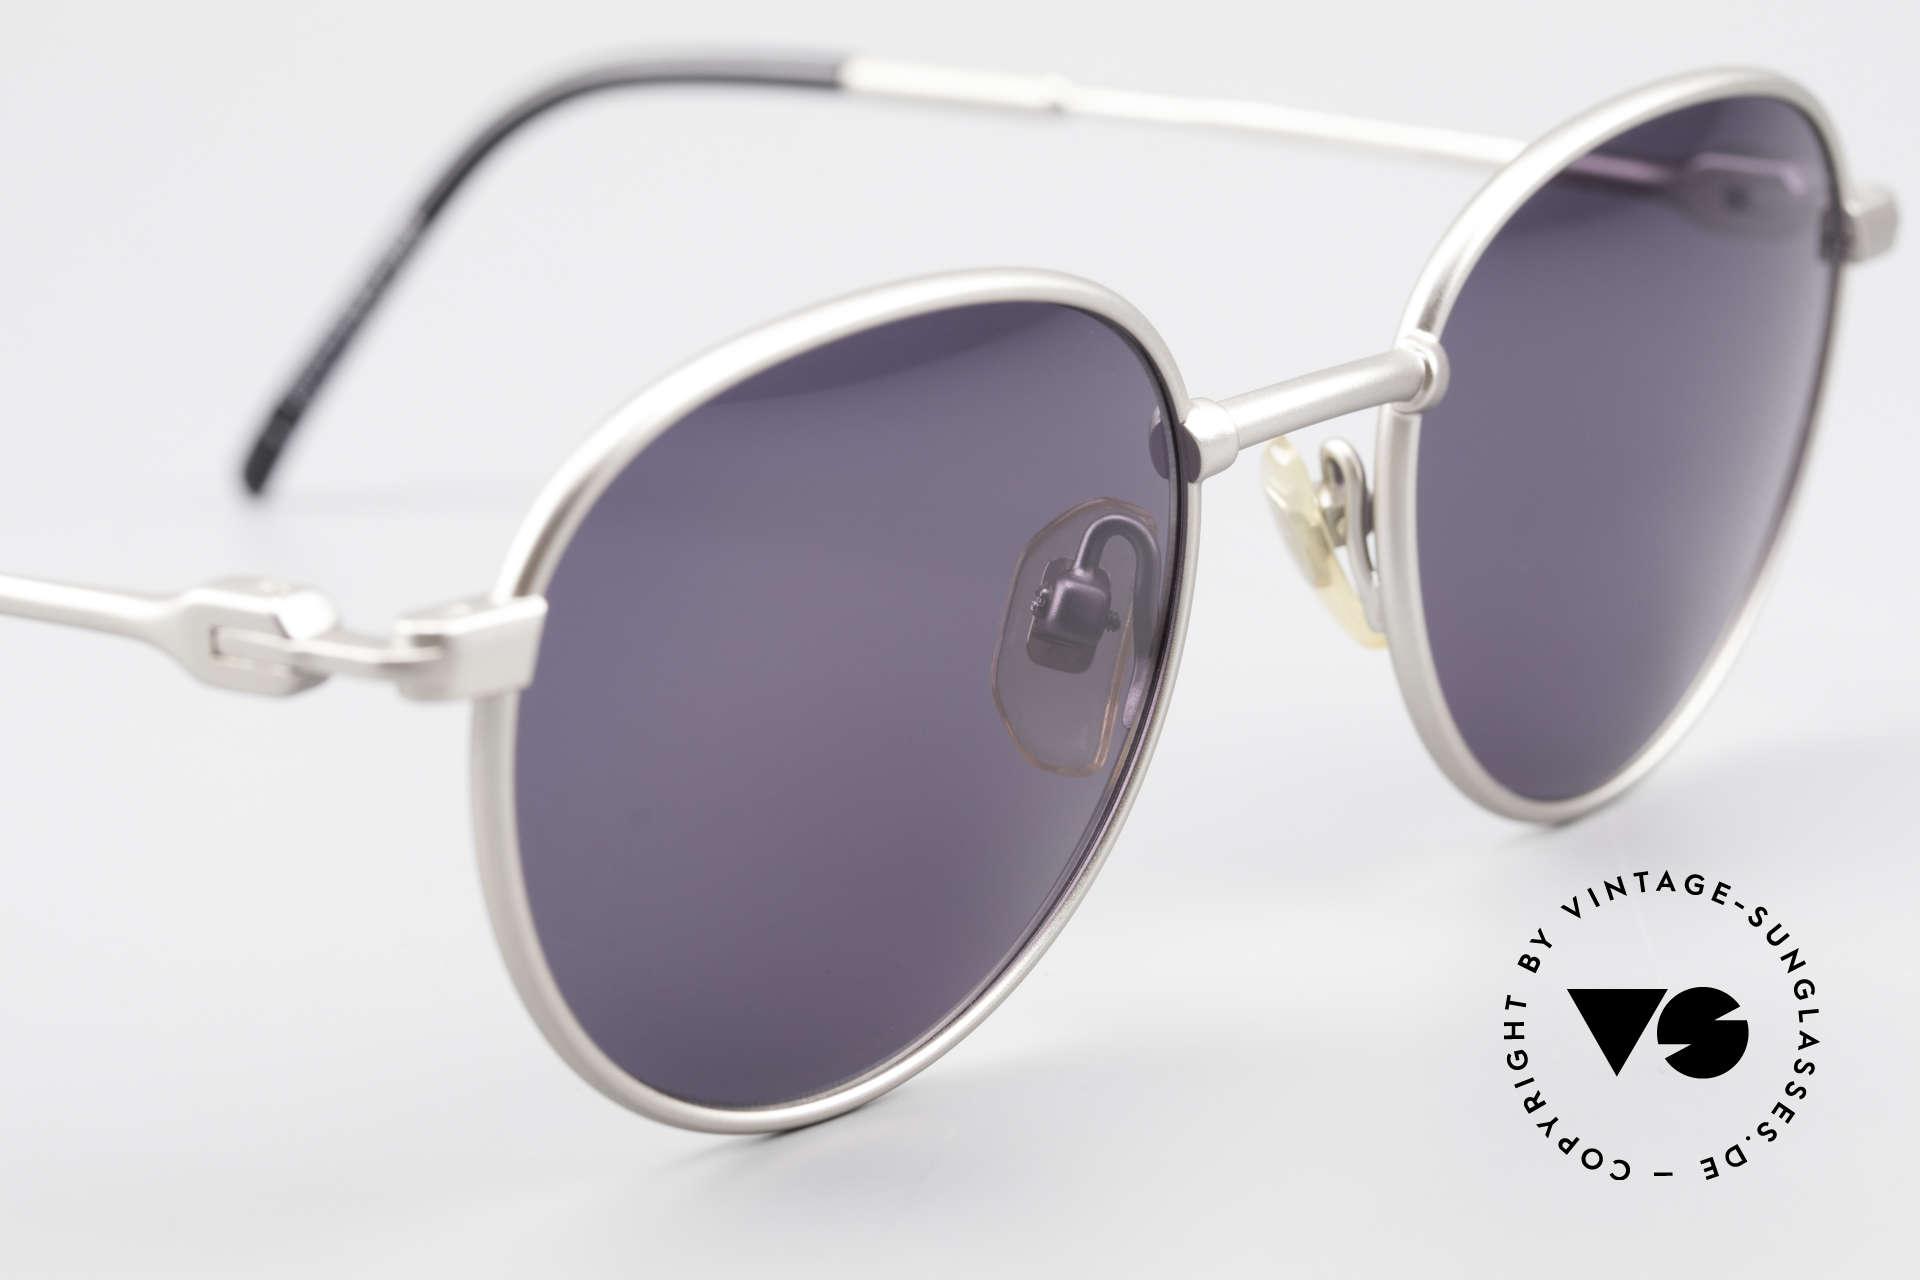 Yohji Yamamoto 52-4102 Panto Designer Sonnenbrille, KEINE RETROmode; sondern ein Original von ca. 1997, Passend für Herren und Damen